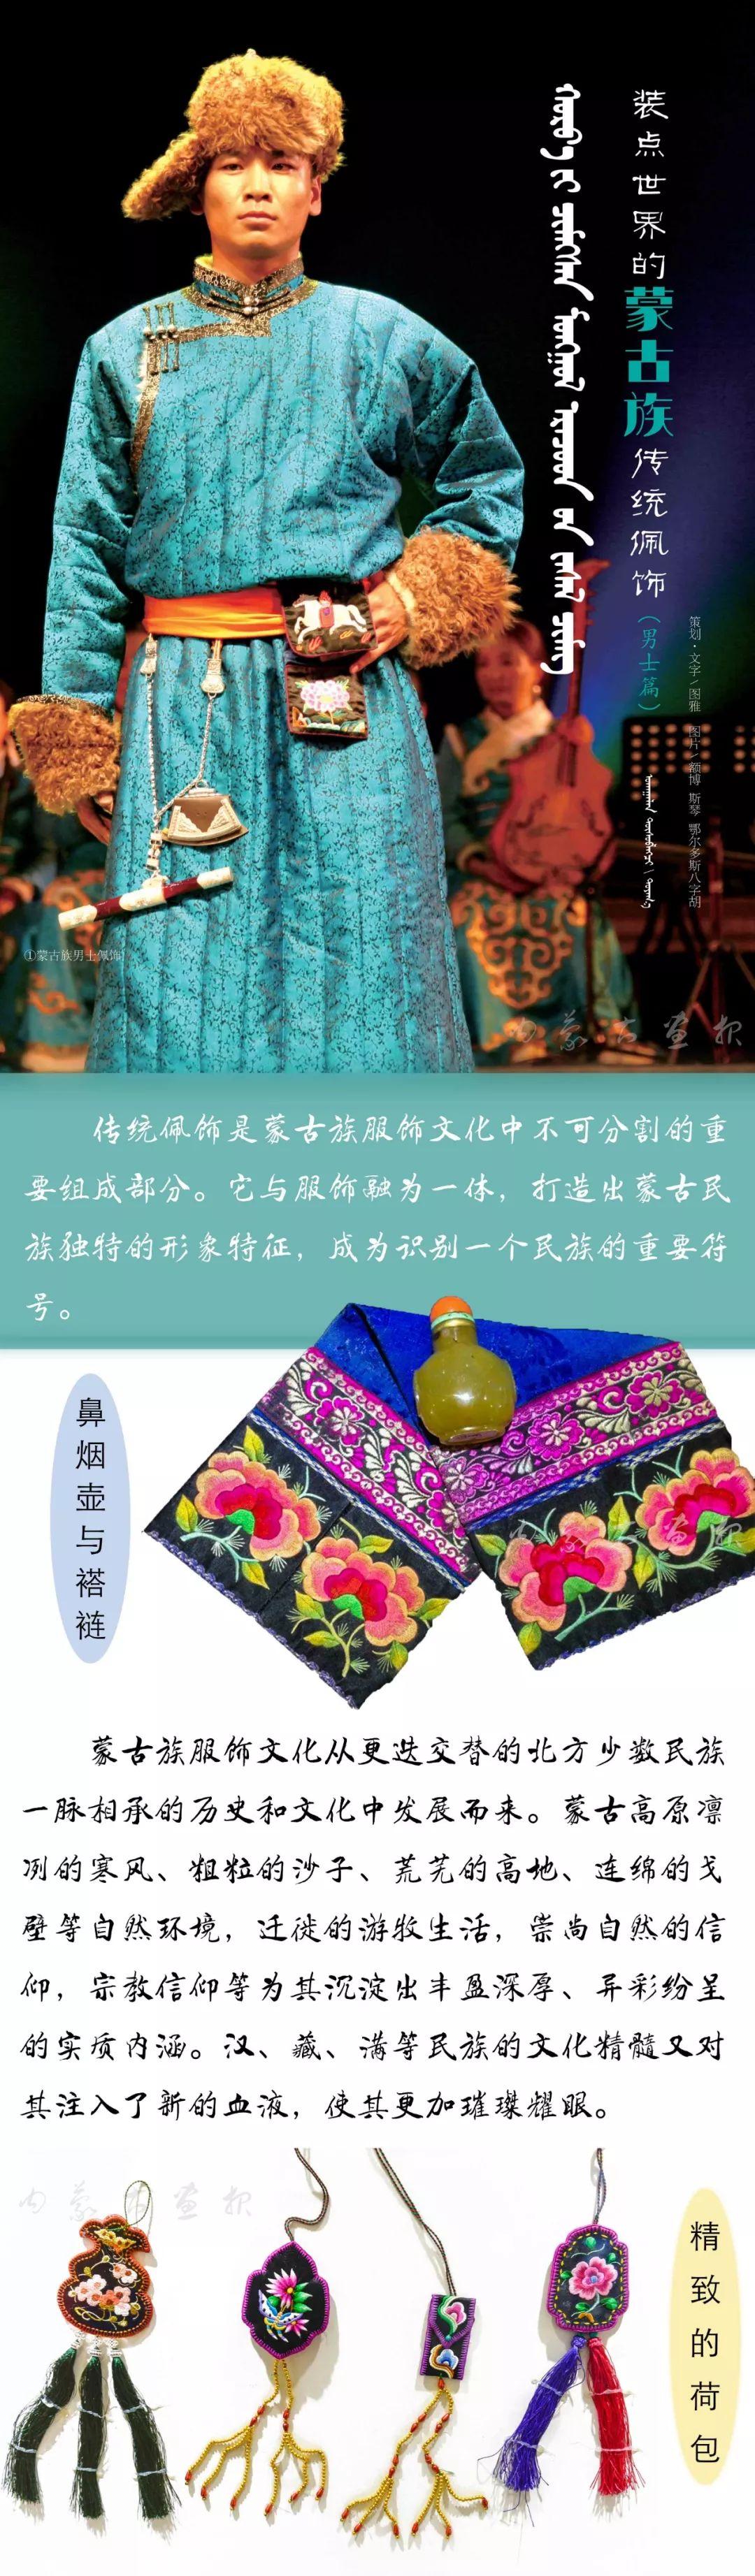 装点世界的蒙古族传统佩饰 | 男士篇 第8张